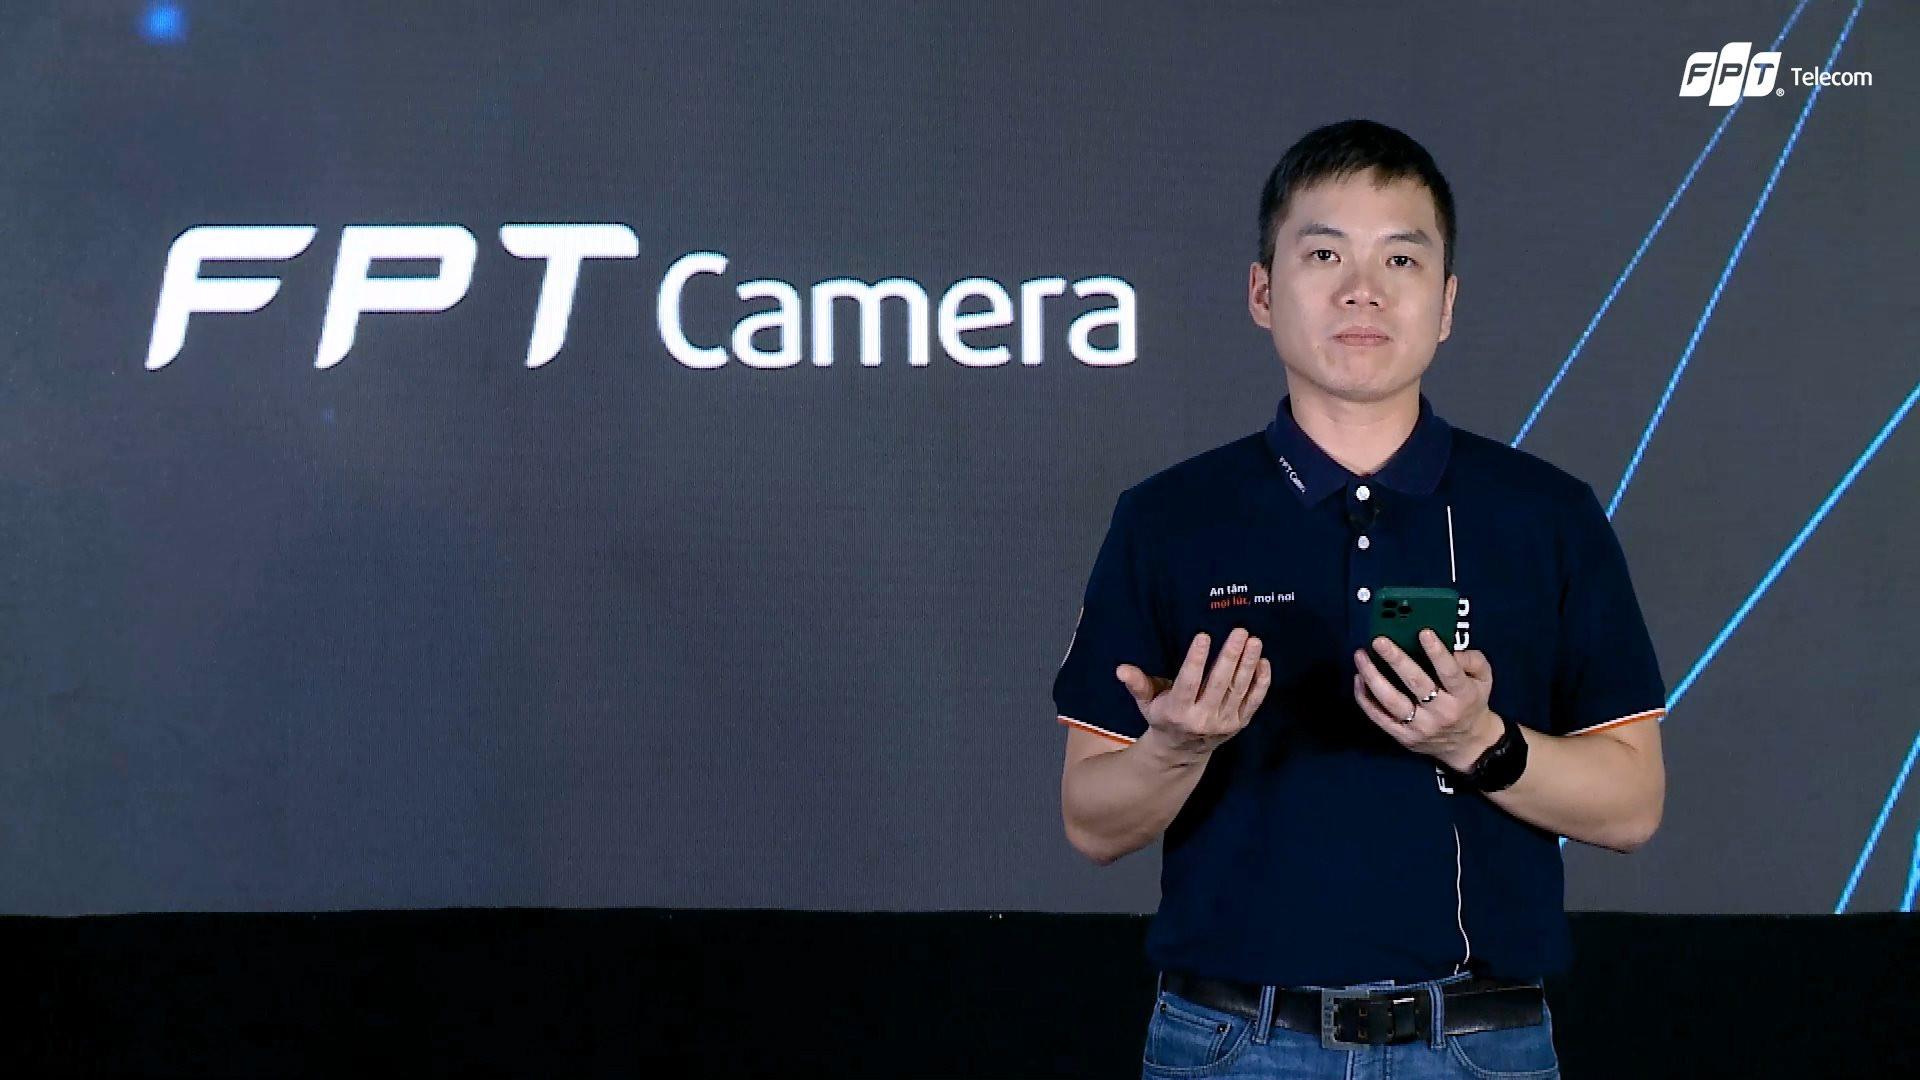 fpt-camera-1.jpg